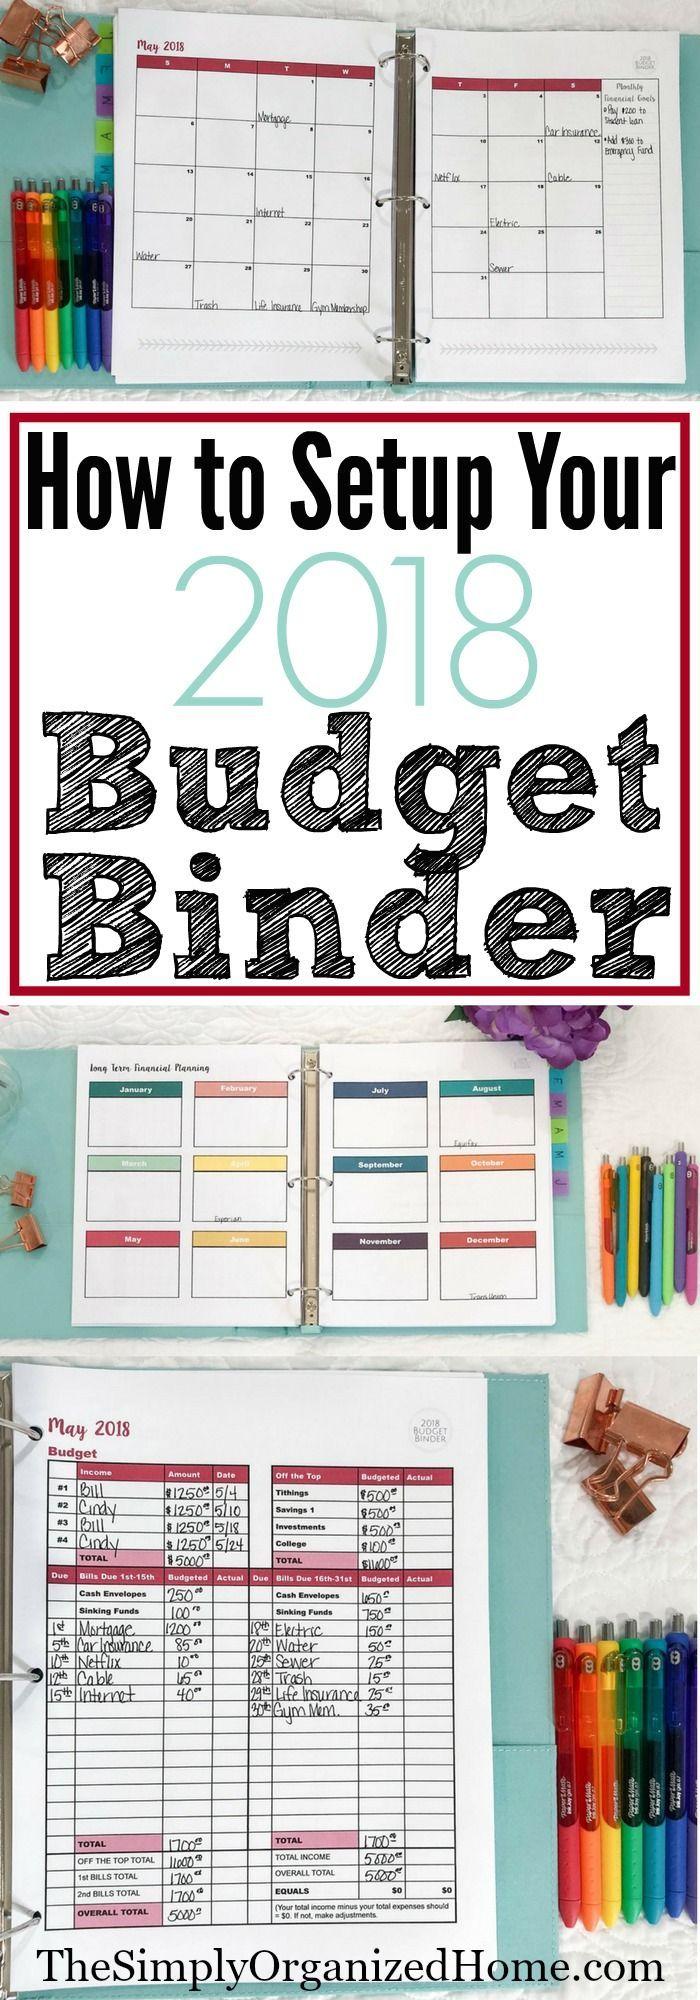 How to Setup Your 2018 Budget Binder | Finanzen, Notizbuch und Kalender